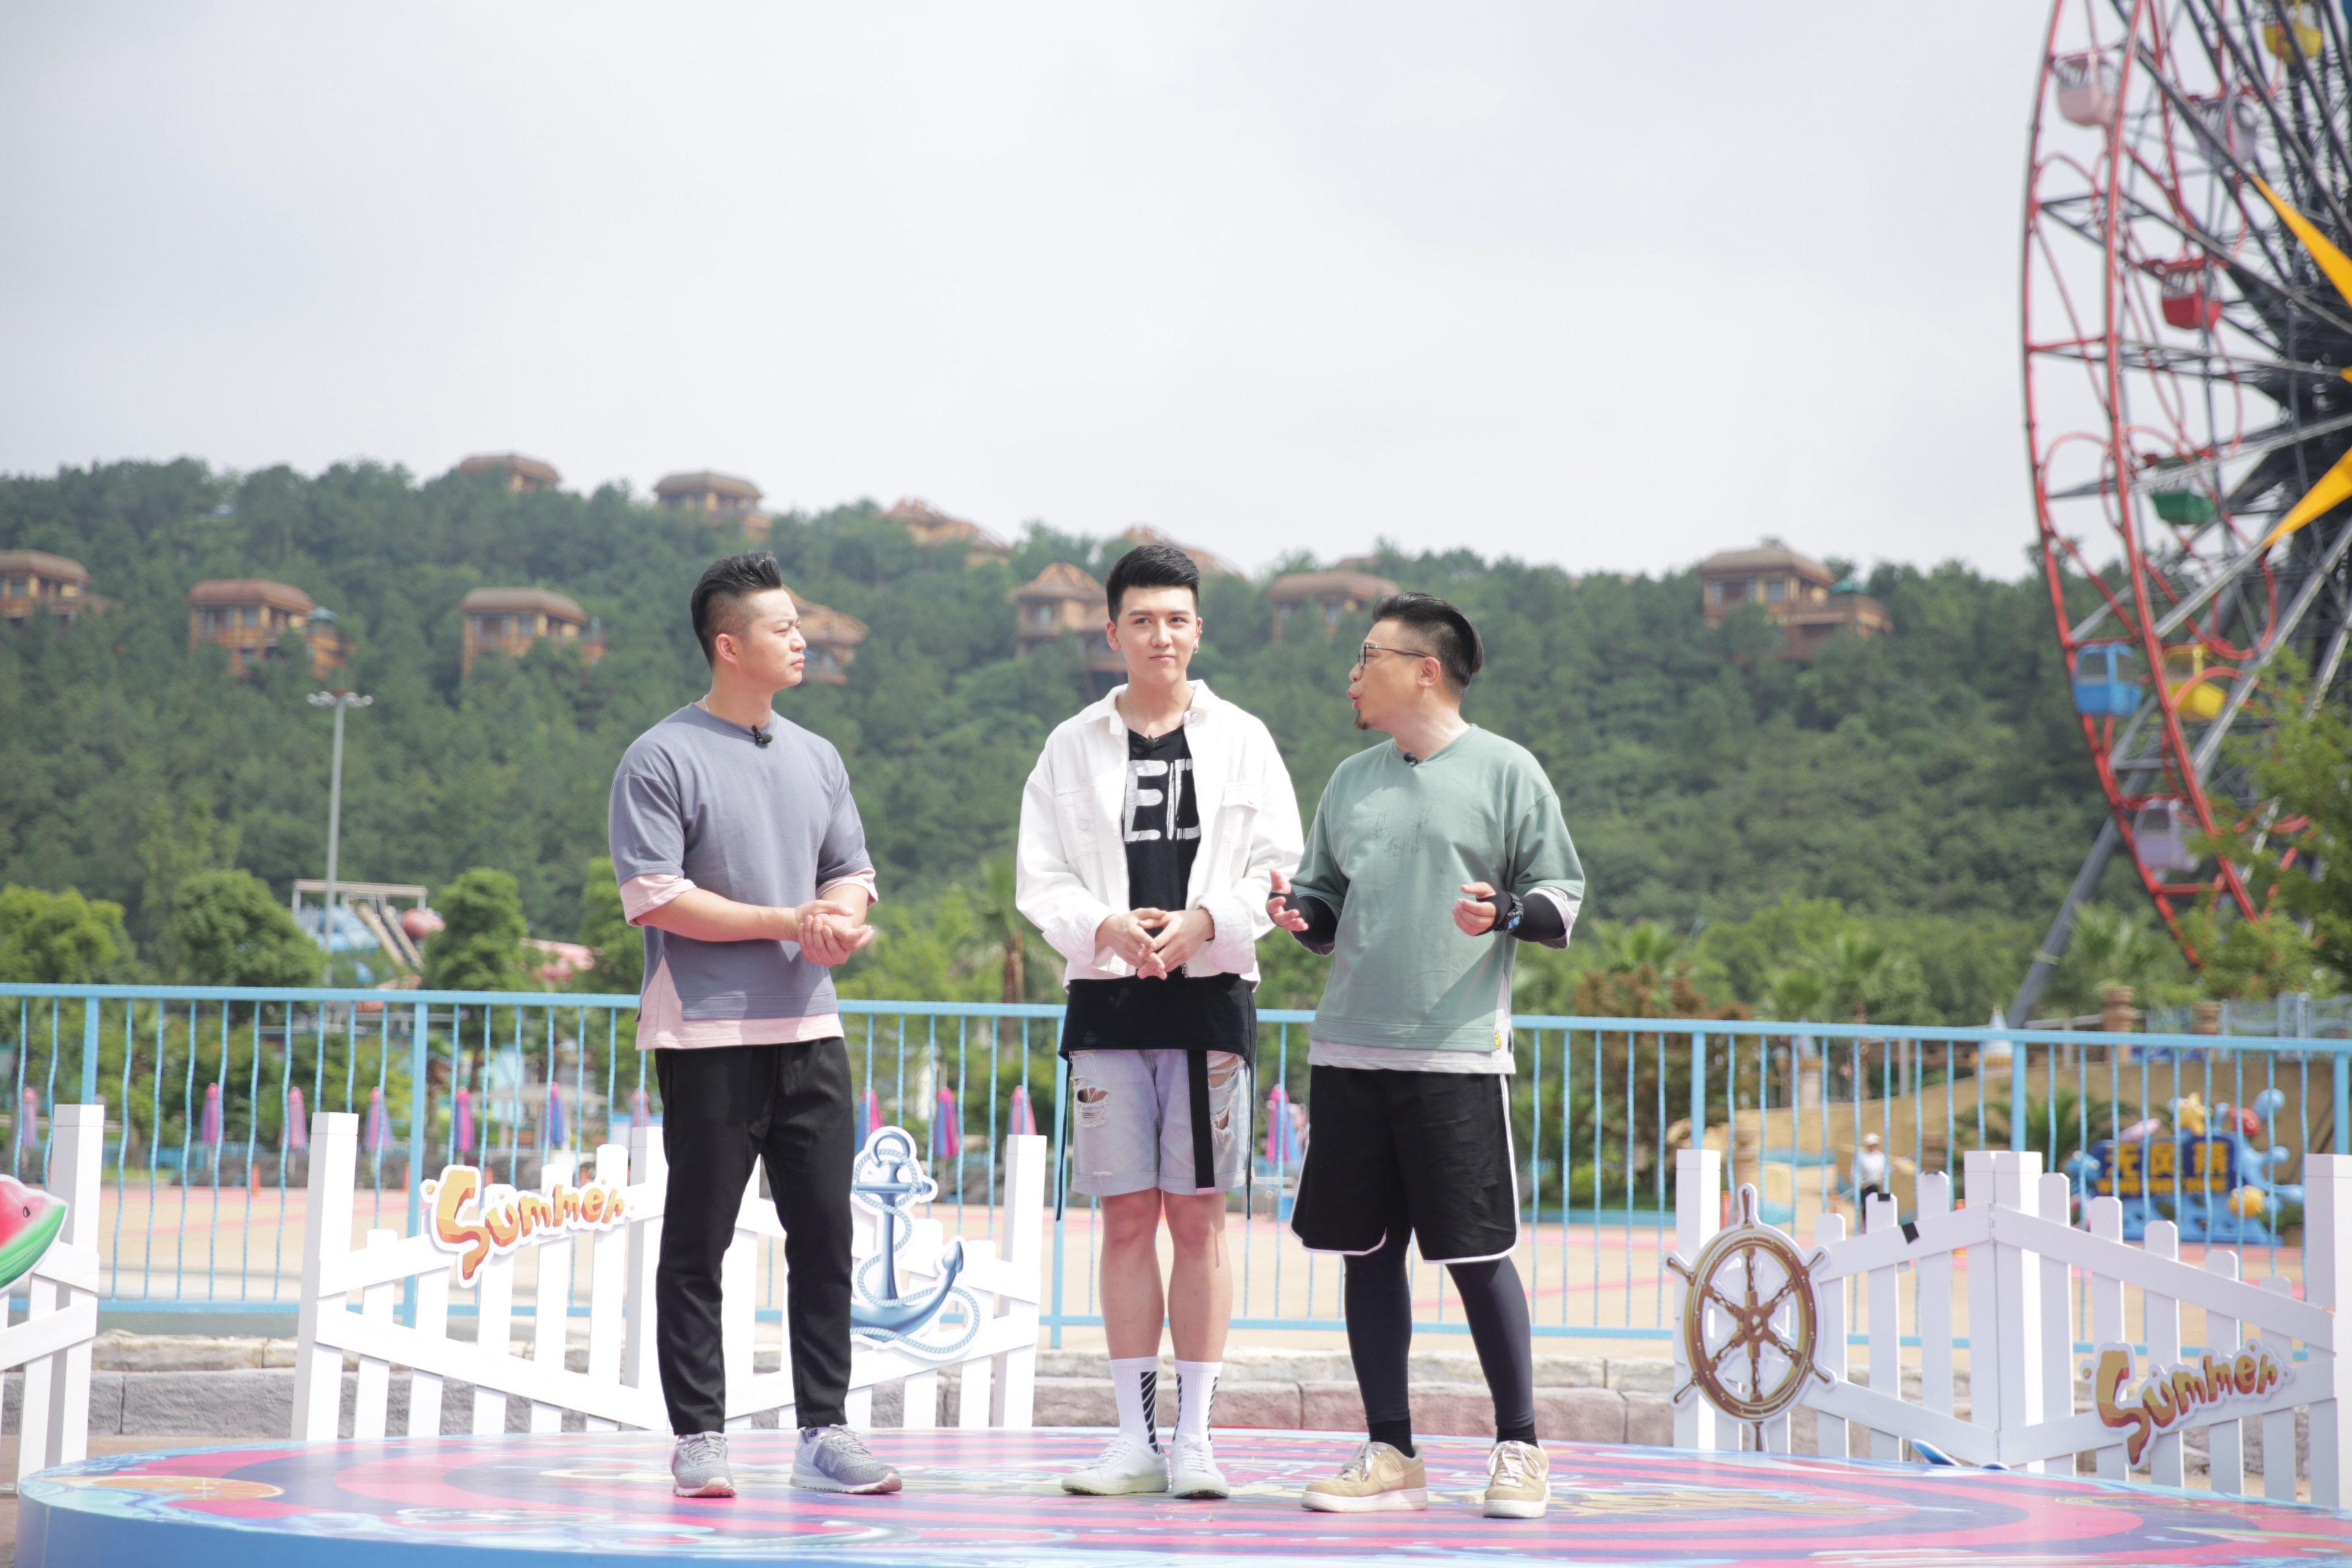 ZERO-G云朗综艺首秀 《活力大冲关》湿身诱惑